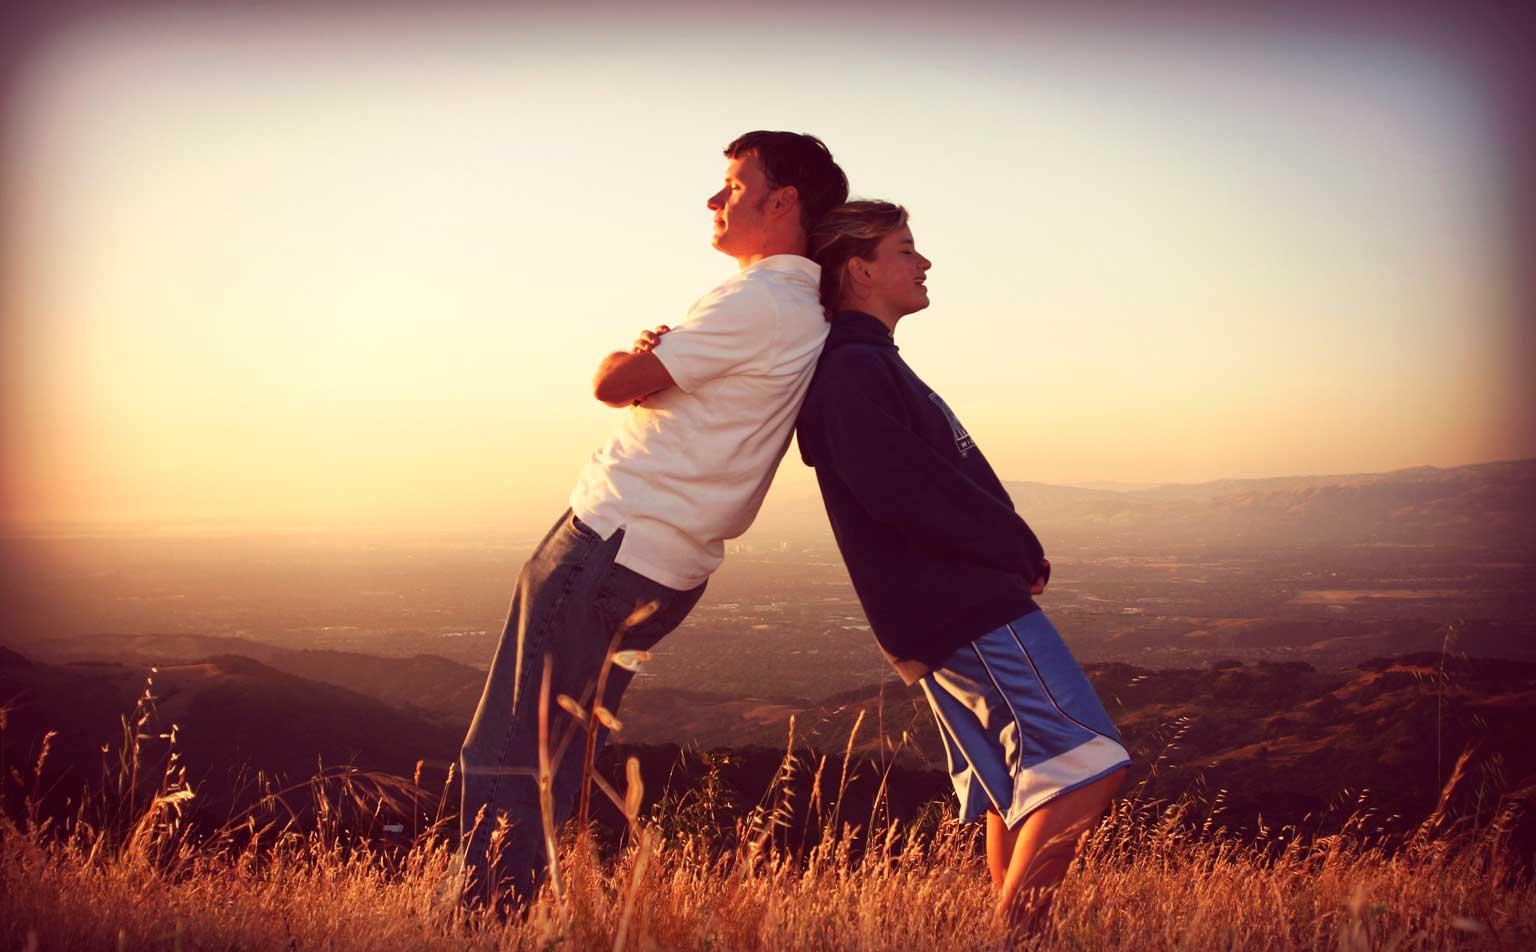 ¿POR QUÉ ES TAN IMPORTANTE CONOCER, COMPRENDER Y MANEJAR  NUESTRAS EMOCIONES?